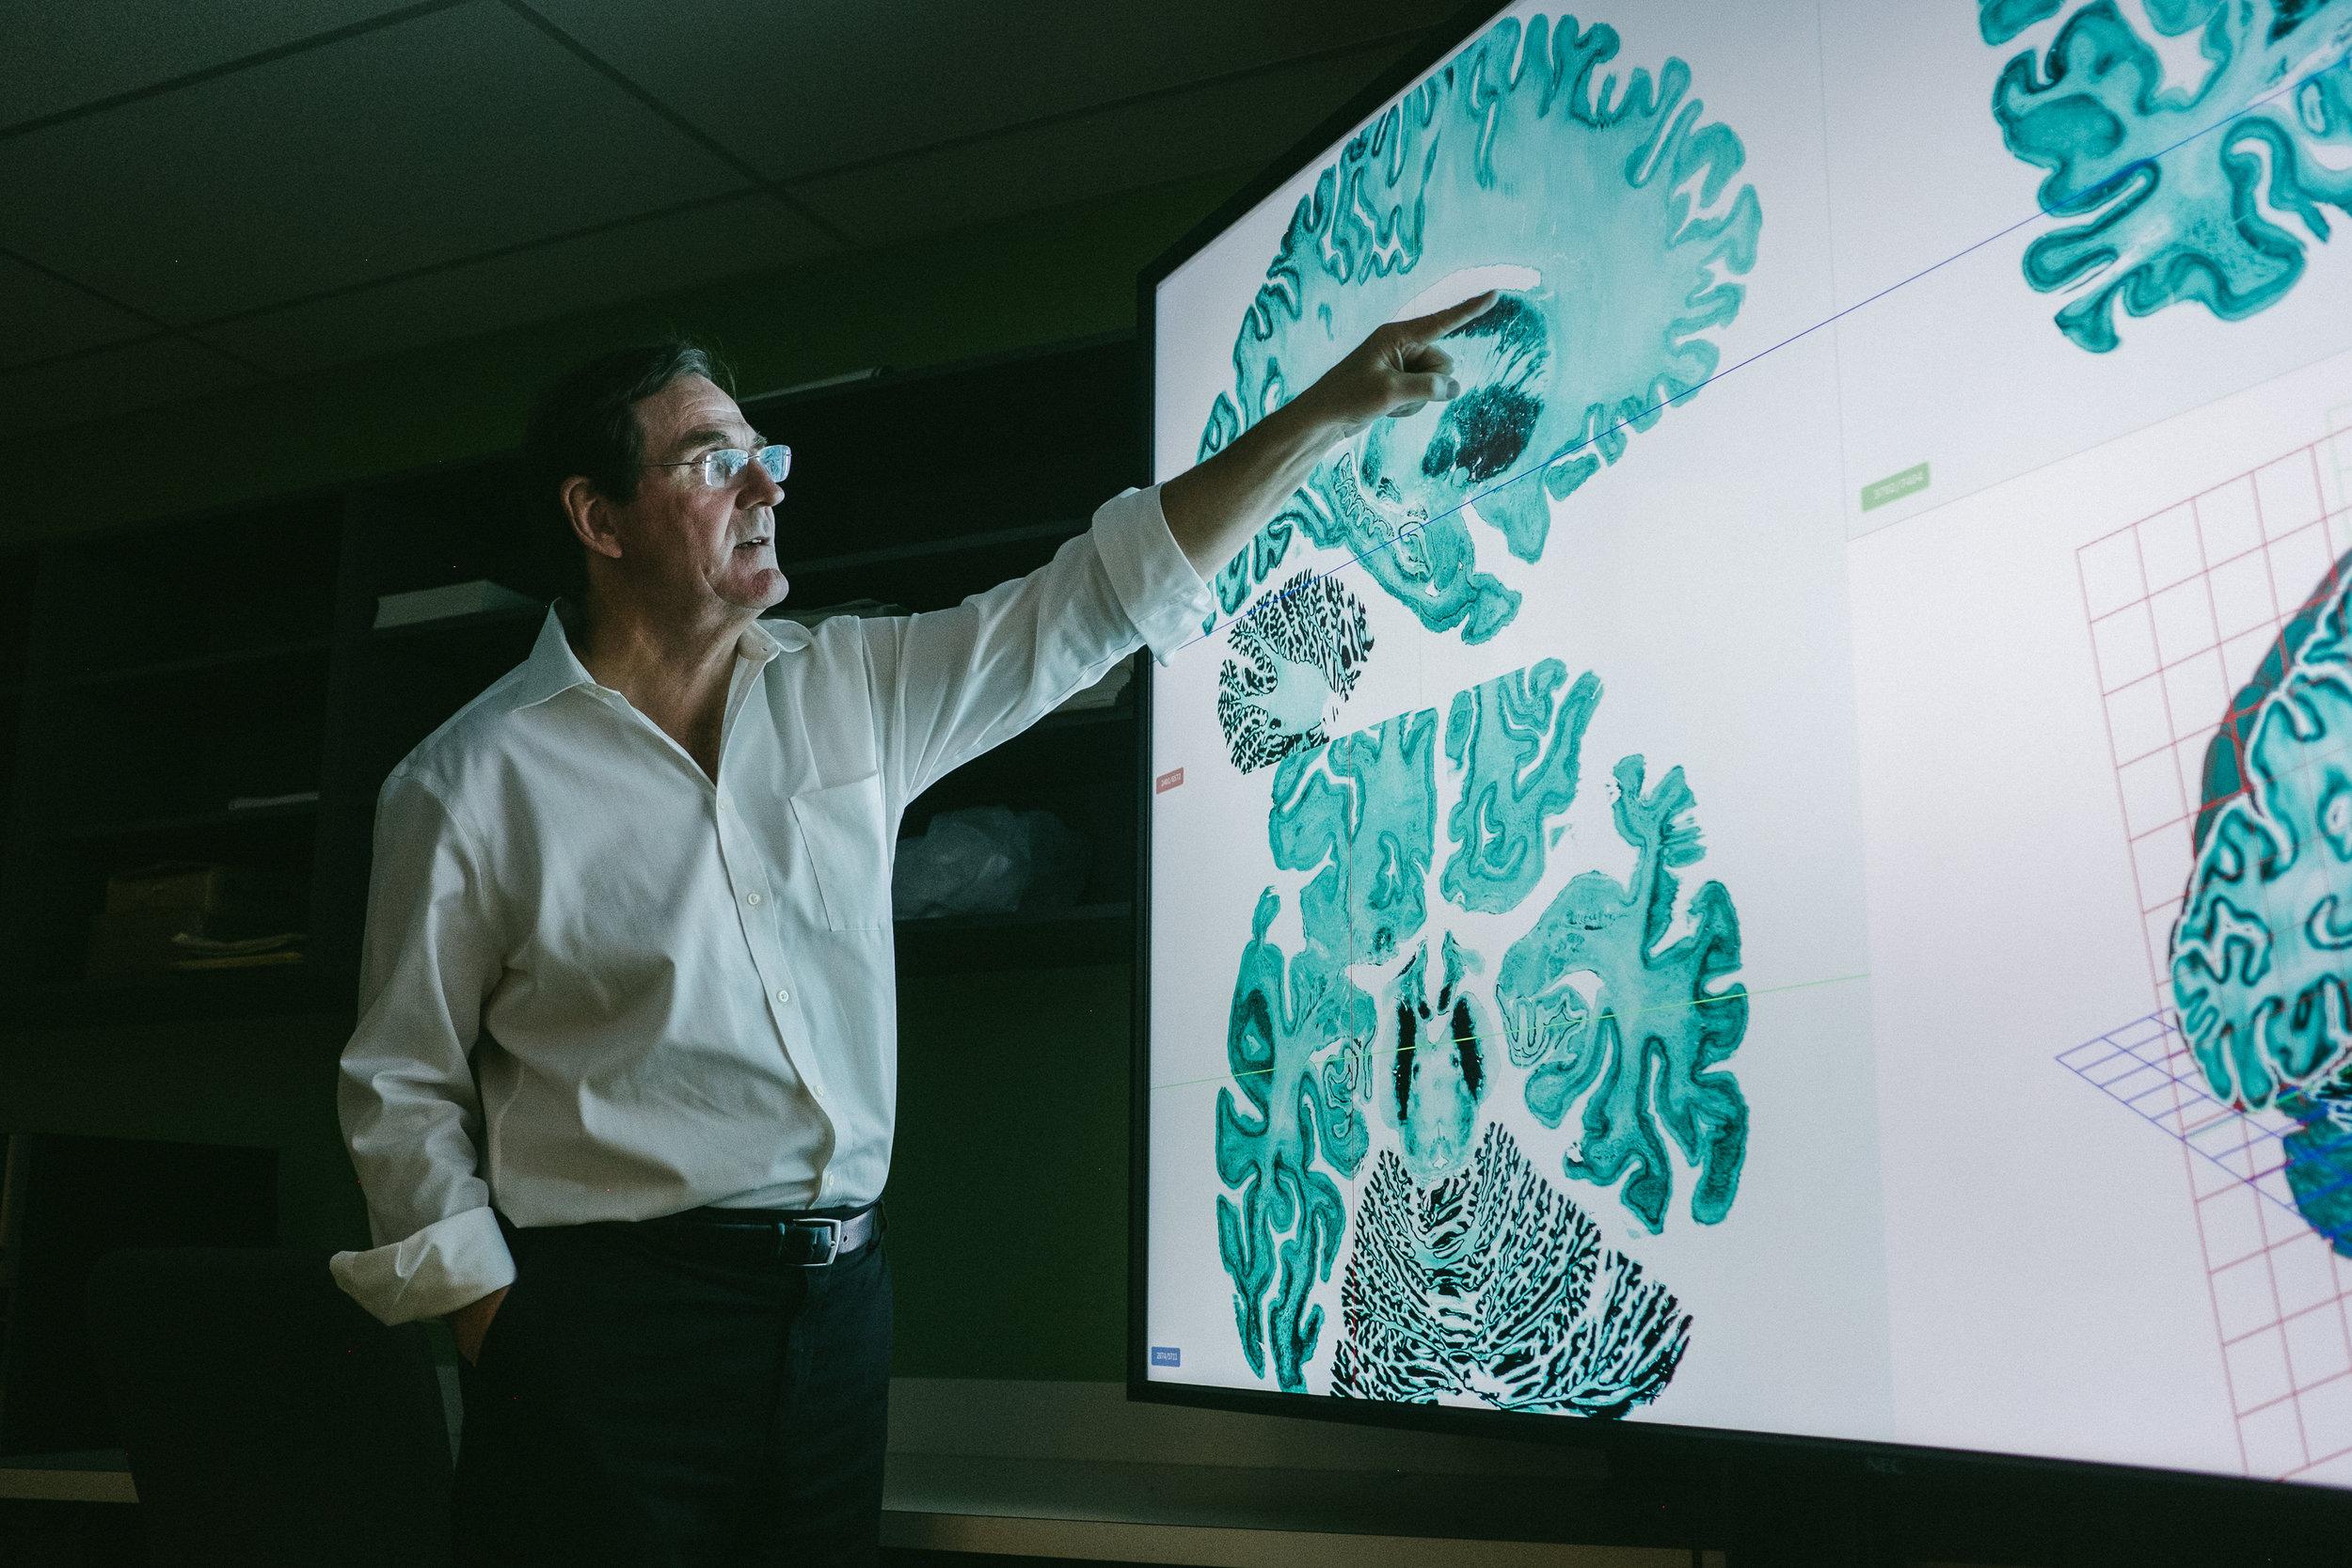 Alan Evans, professor of neurology and neurosurgery